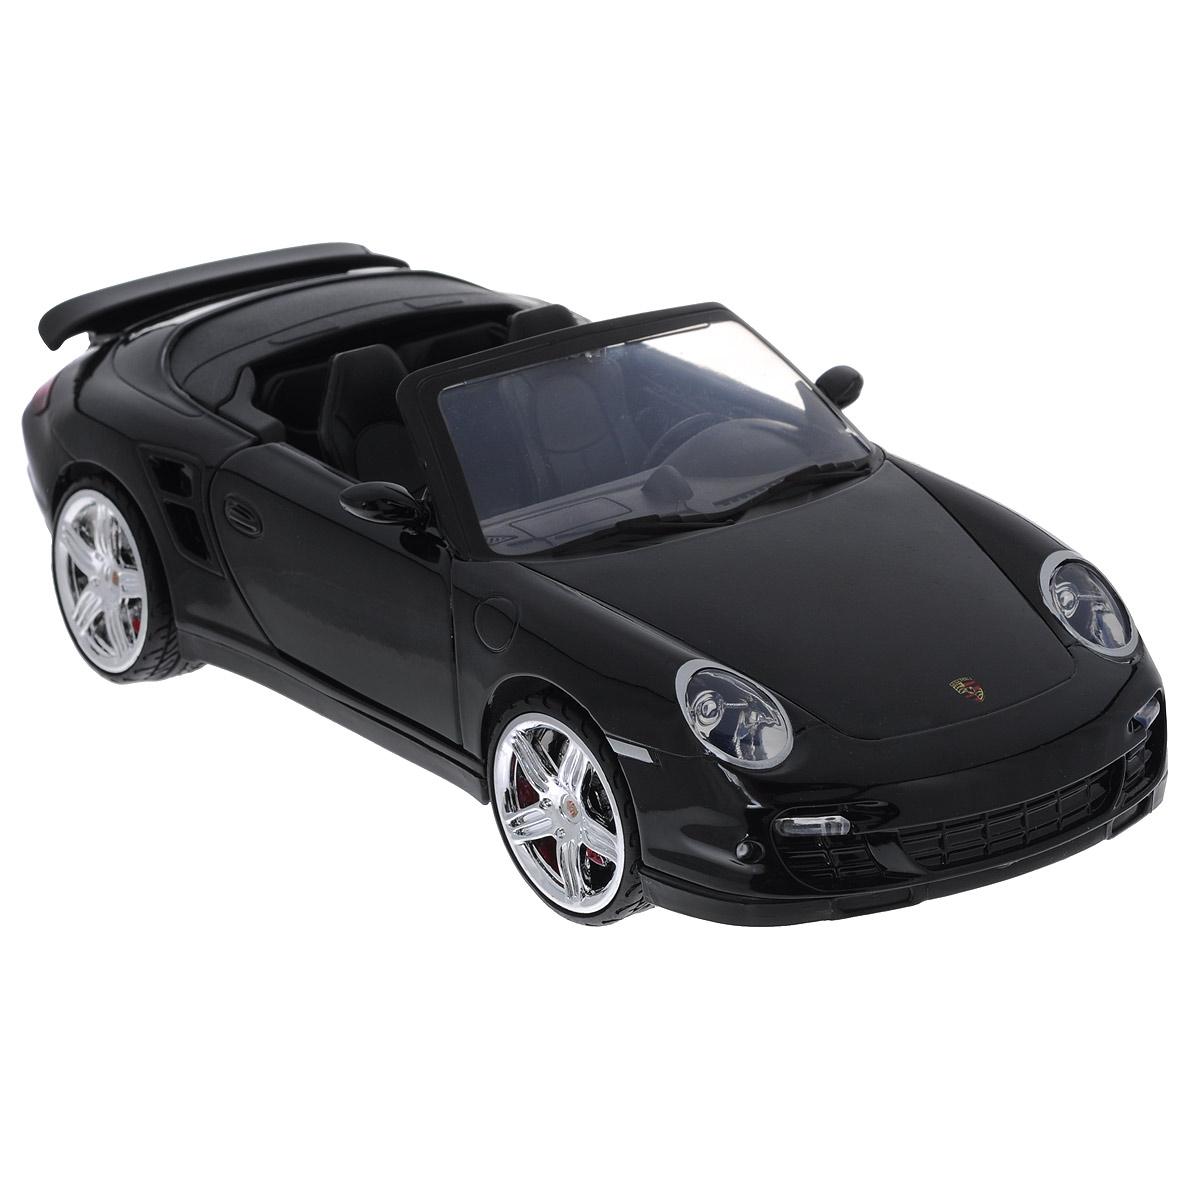 MotorMax Модель автомобиля Porsche 911 Turbo Cabriolet73183Коллекционная модель MotorMax Porsche 911 Turbo Cabriolet станет хорошим подарком для любого ценителя автомобилей. Porsche Turbo 911 Cabriolet - это ожившая классика, оборудованная по последнему слову современной техники. Еще больше комфорта и скорости! Включите этот по-настоящему удивительный автомобиль в свою личную коллекцию с масштабной моделью от MotorMax. Машинка имеет отличную детализацию и является уменьшенной копией настоящей машины. Загляните под капот или в салон, и вы сами убедитесь в этом. У машины открываются двери и капот, а также вращаются колеса. Корпус из литого металла обеспечивает модели долгий срок службы, пластиковые элементы в отделке салона позволяют добиться максимального соответствия прототипу, а резиновые шины на колесах - приятный бонус ко всем прочим достоинствам. Модель помещена на пластиковую подставку с оригинальным названием машины. Коллекционная модель автомобиля MotorMax Porsche 911 Turbo Cabriolet понравится вашему...